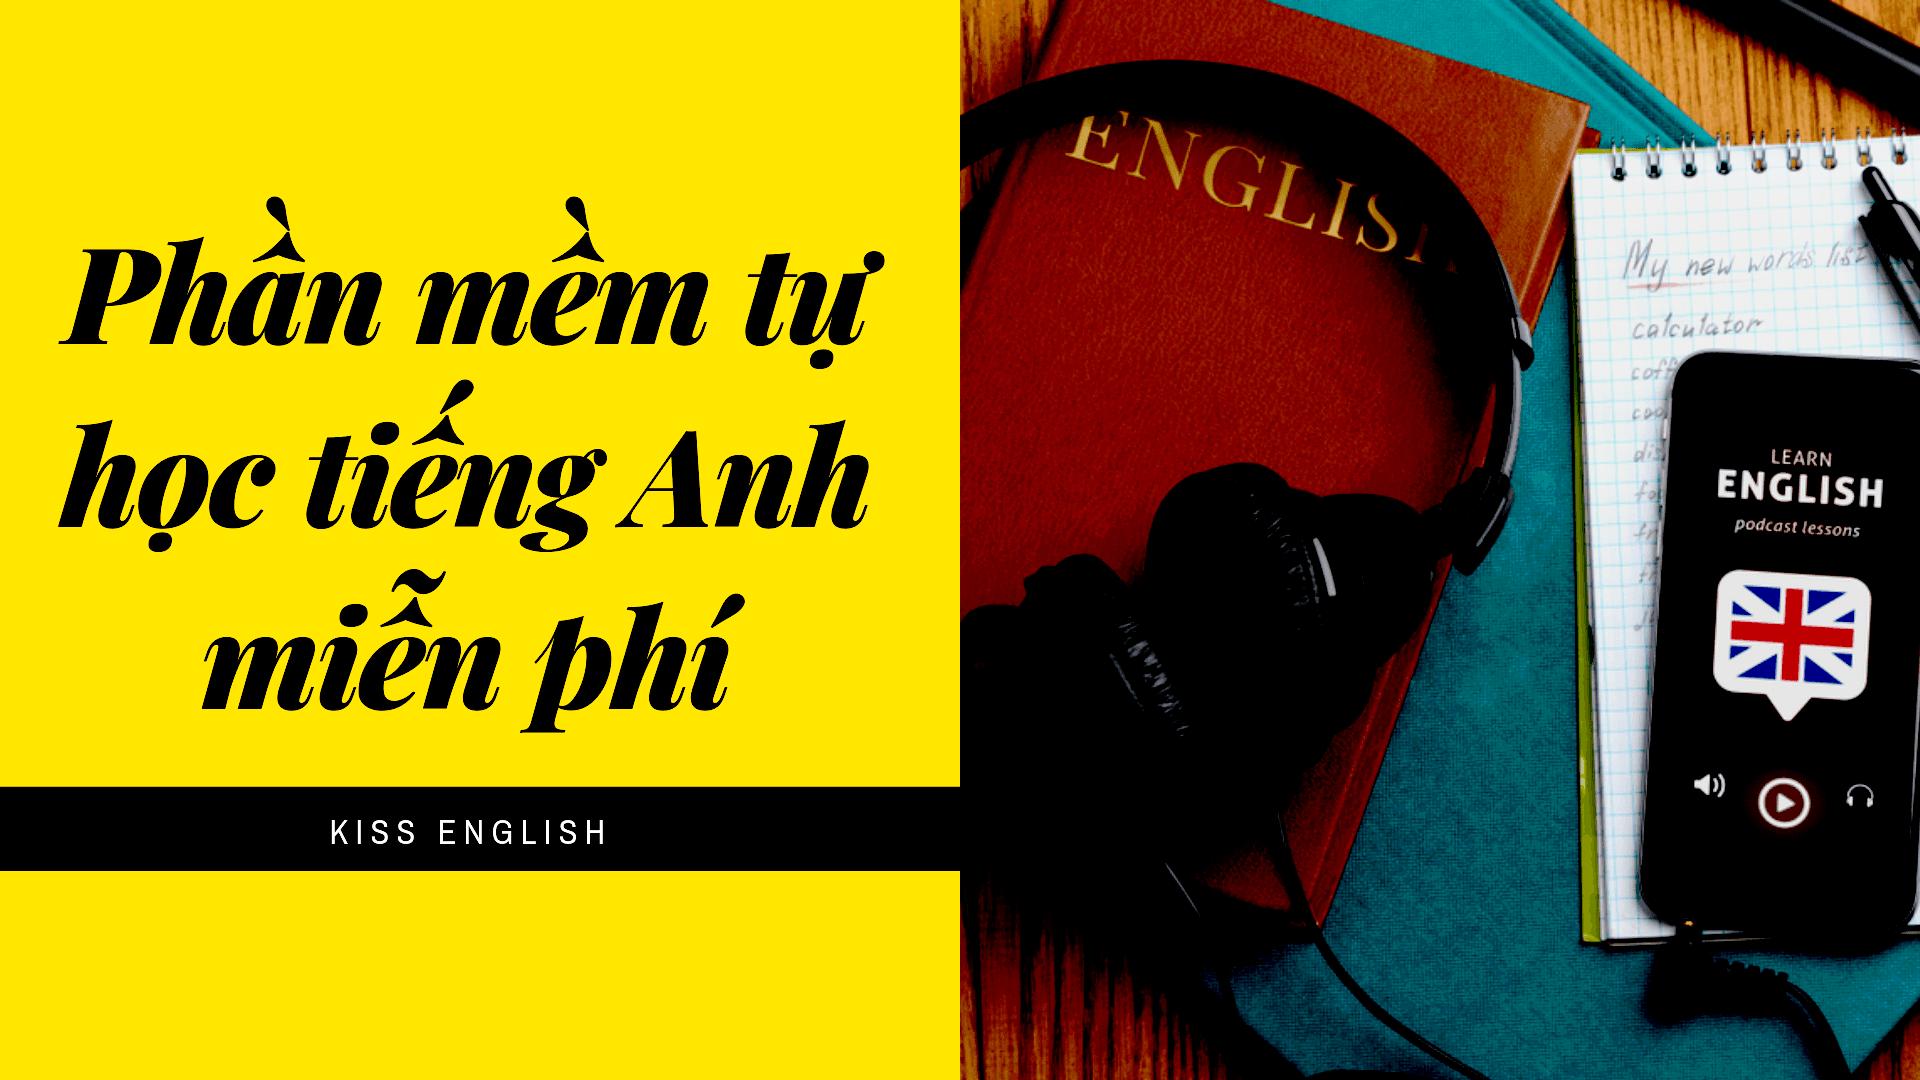 Phần mềm tự học tiếng Anh miễn phí